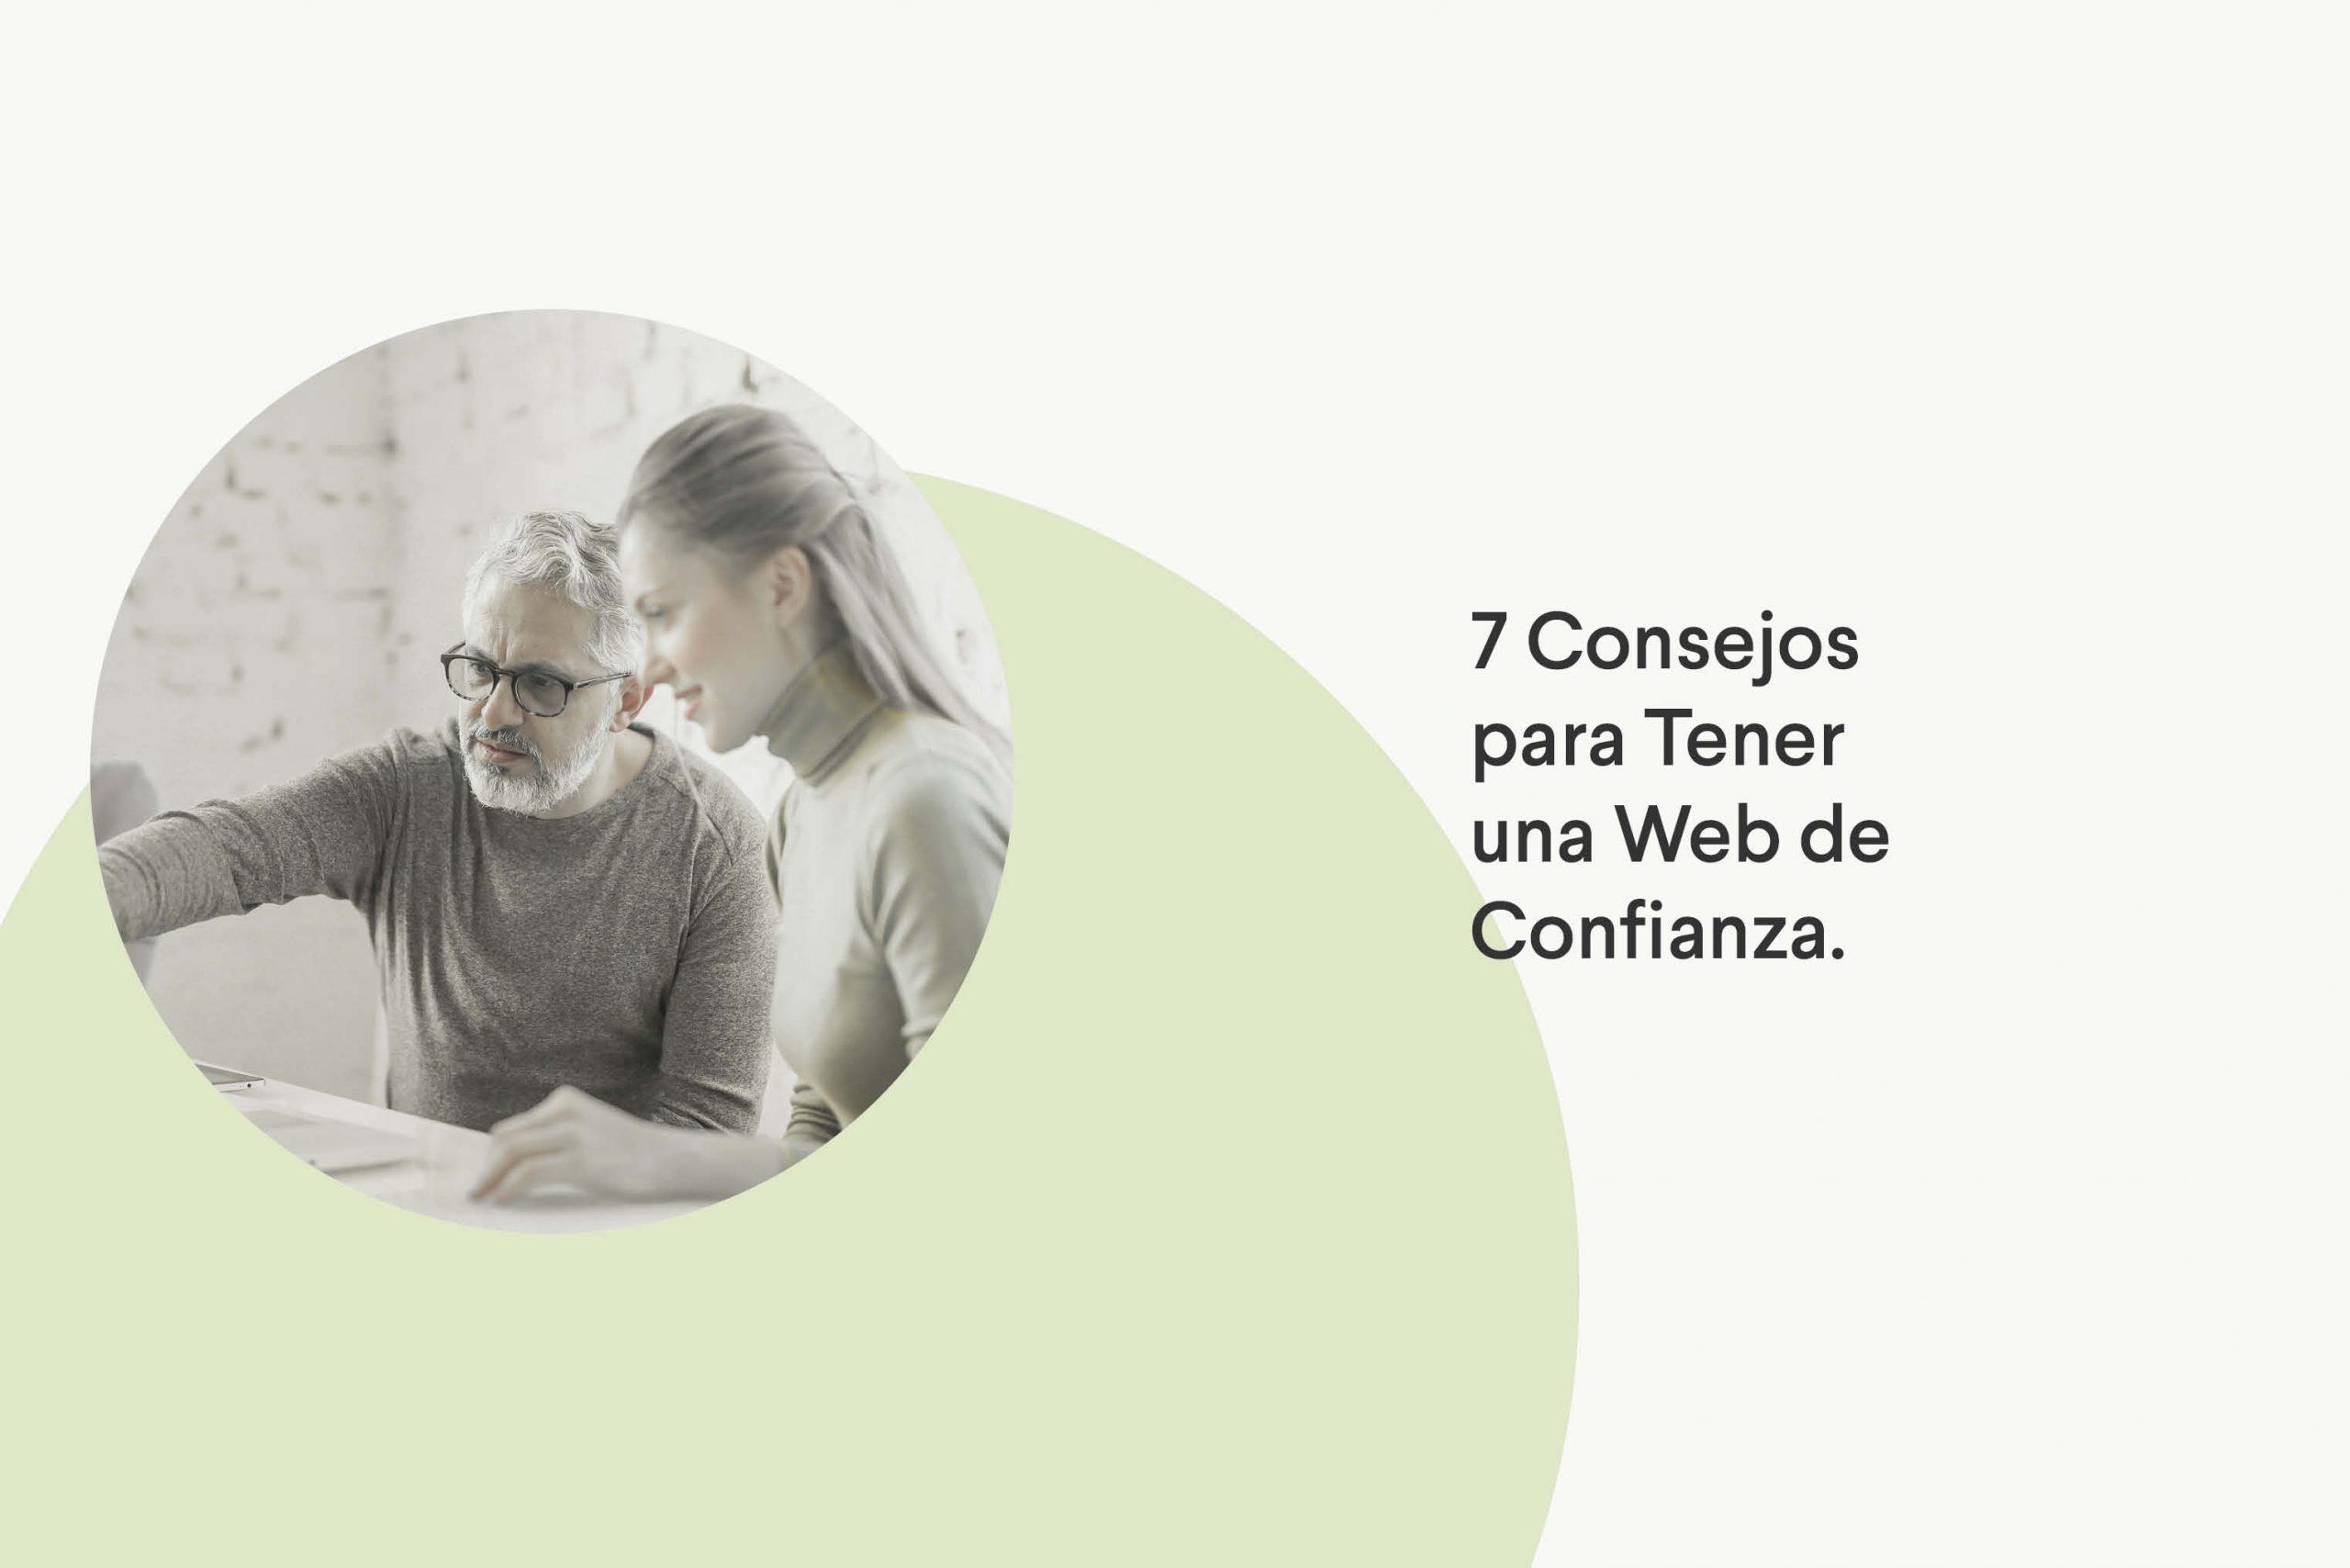 7 consejos para tener una web de confianza